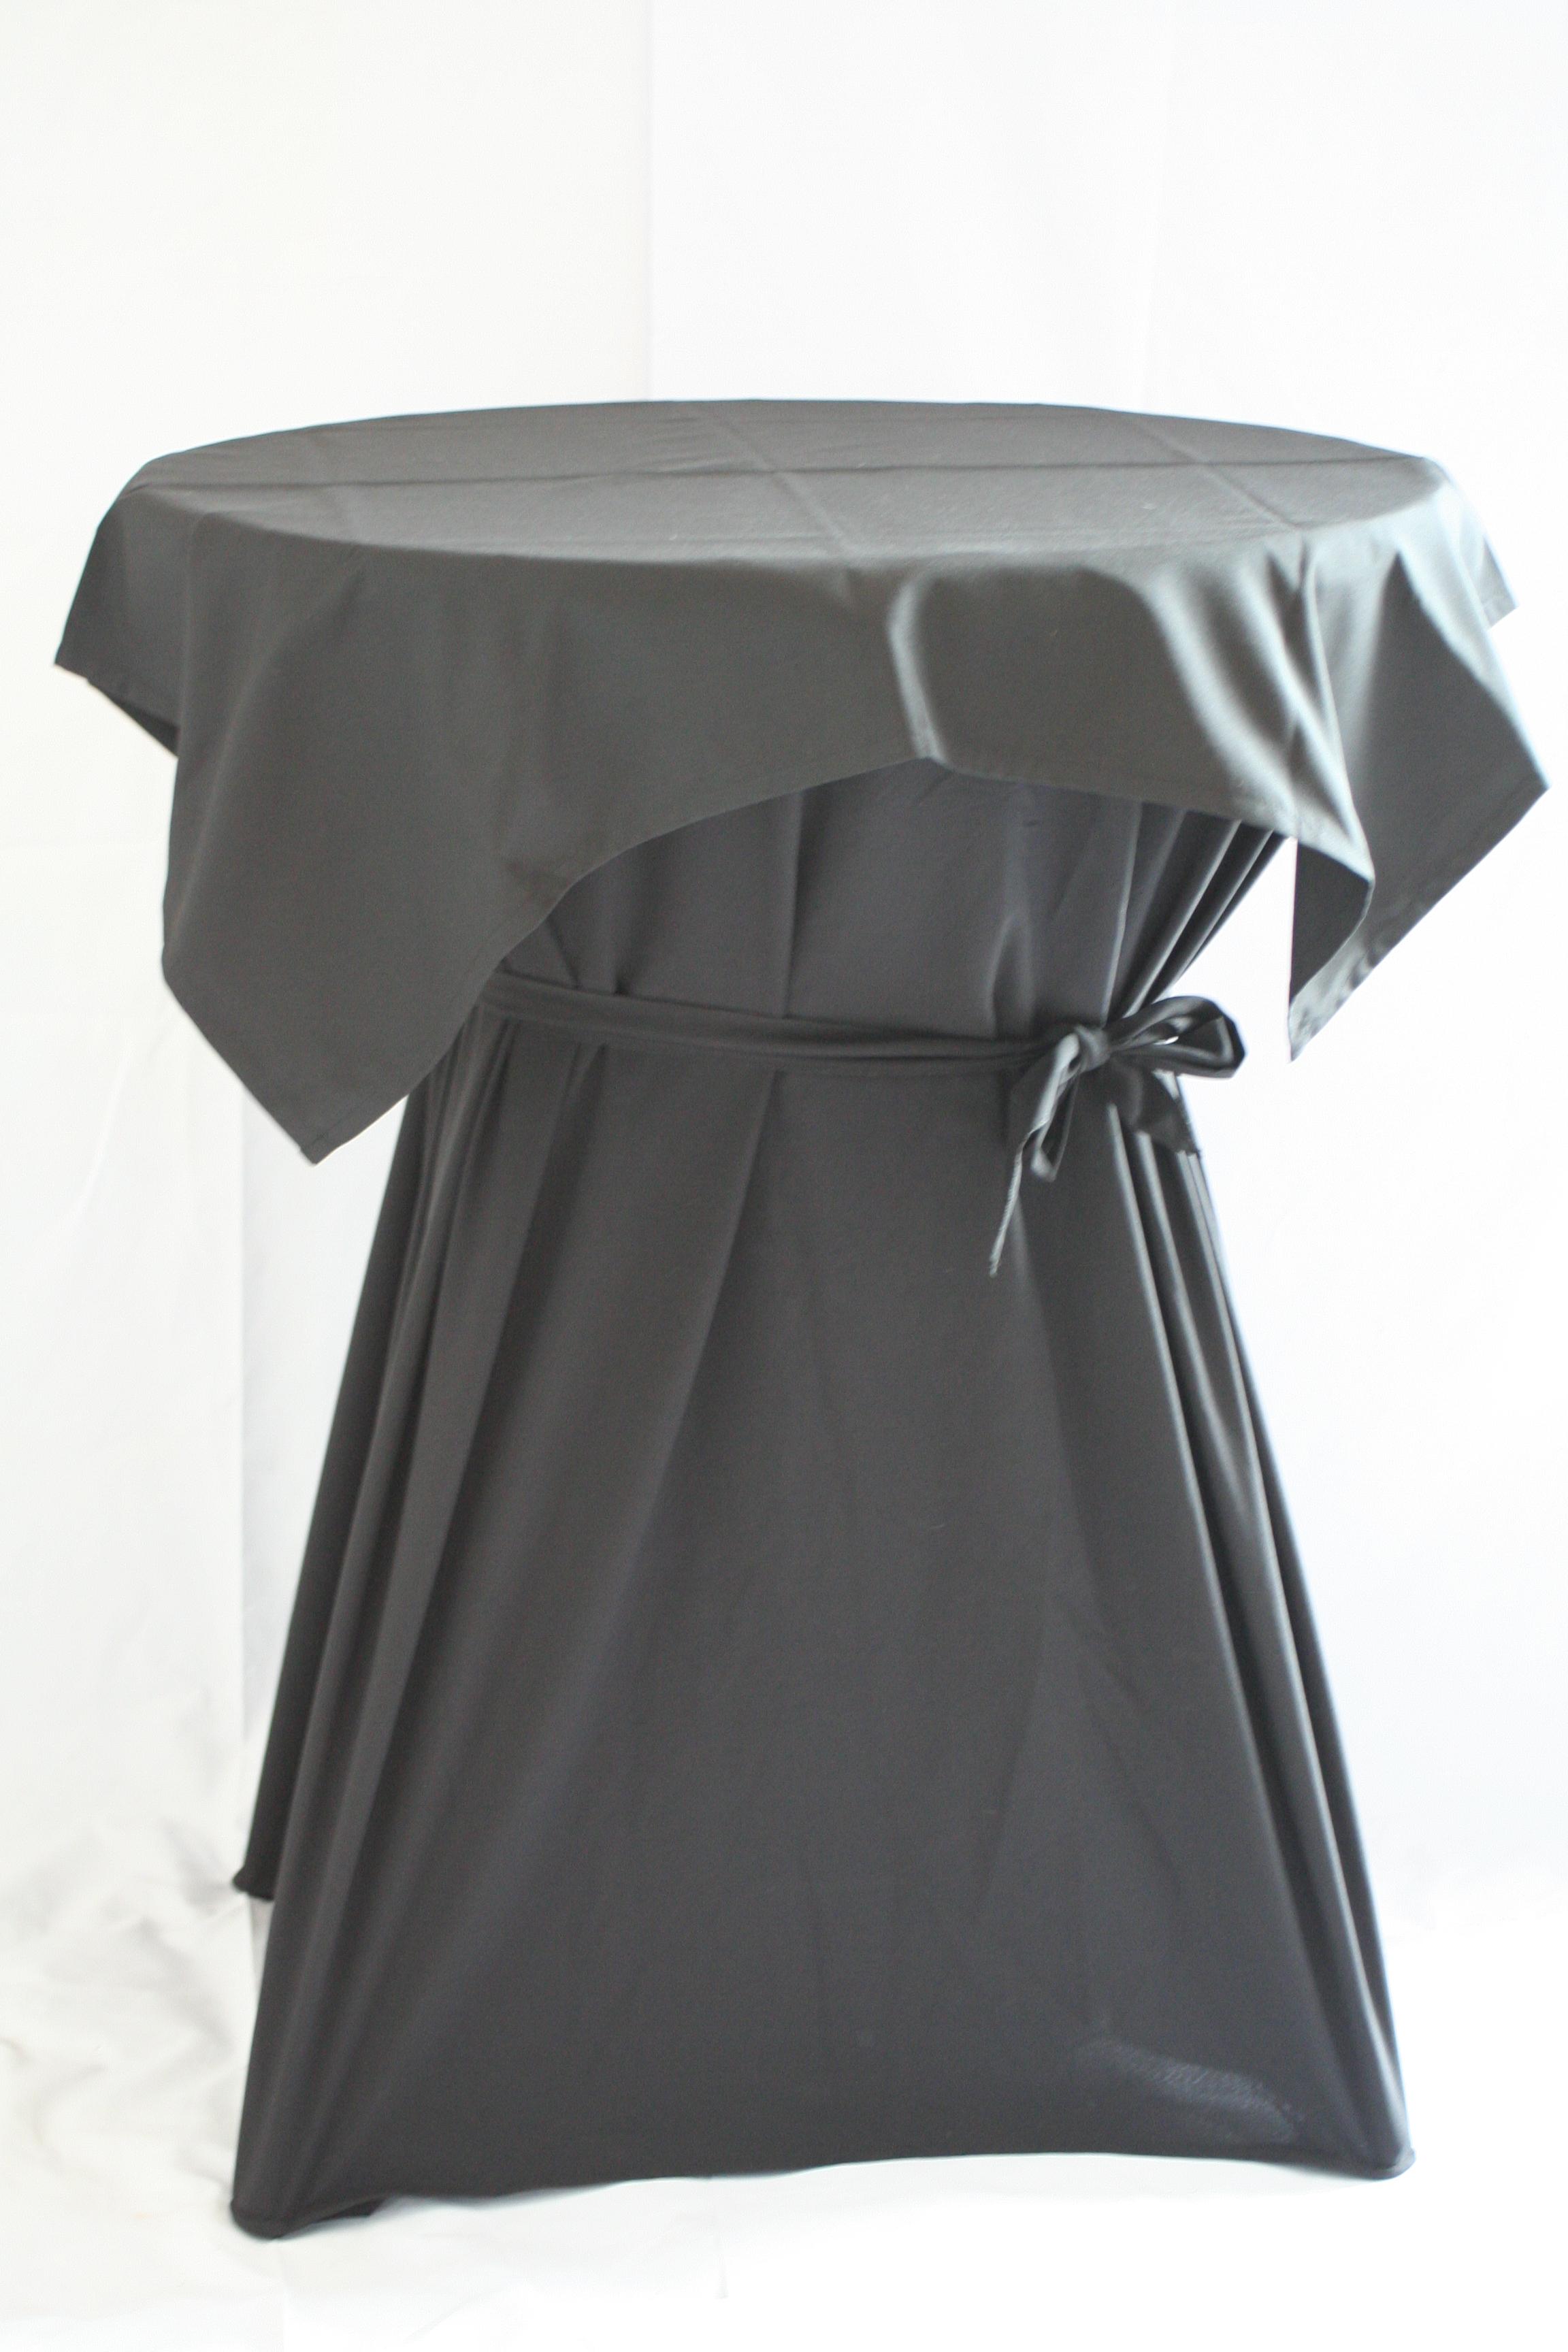 Kleed Voor Statafel.Tafelrok Met Afdek Kleed Zwart Voor Statafel